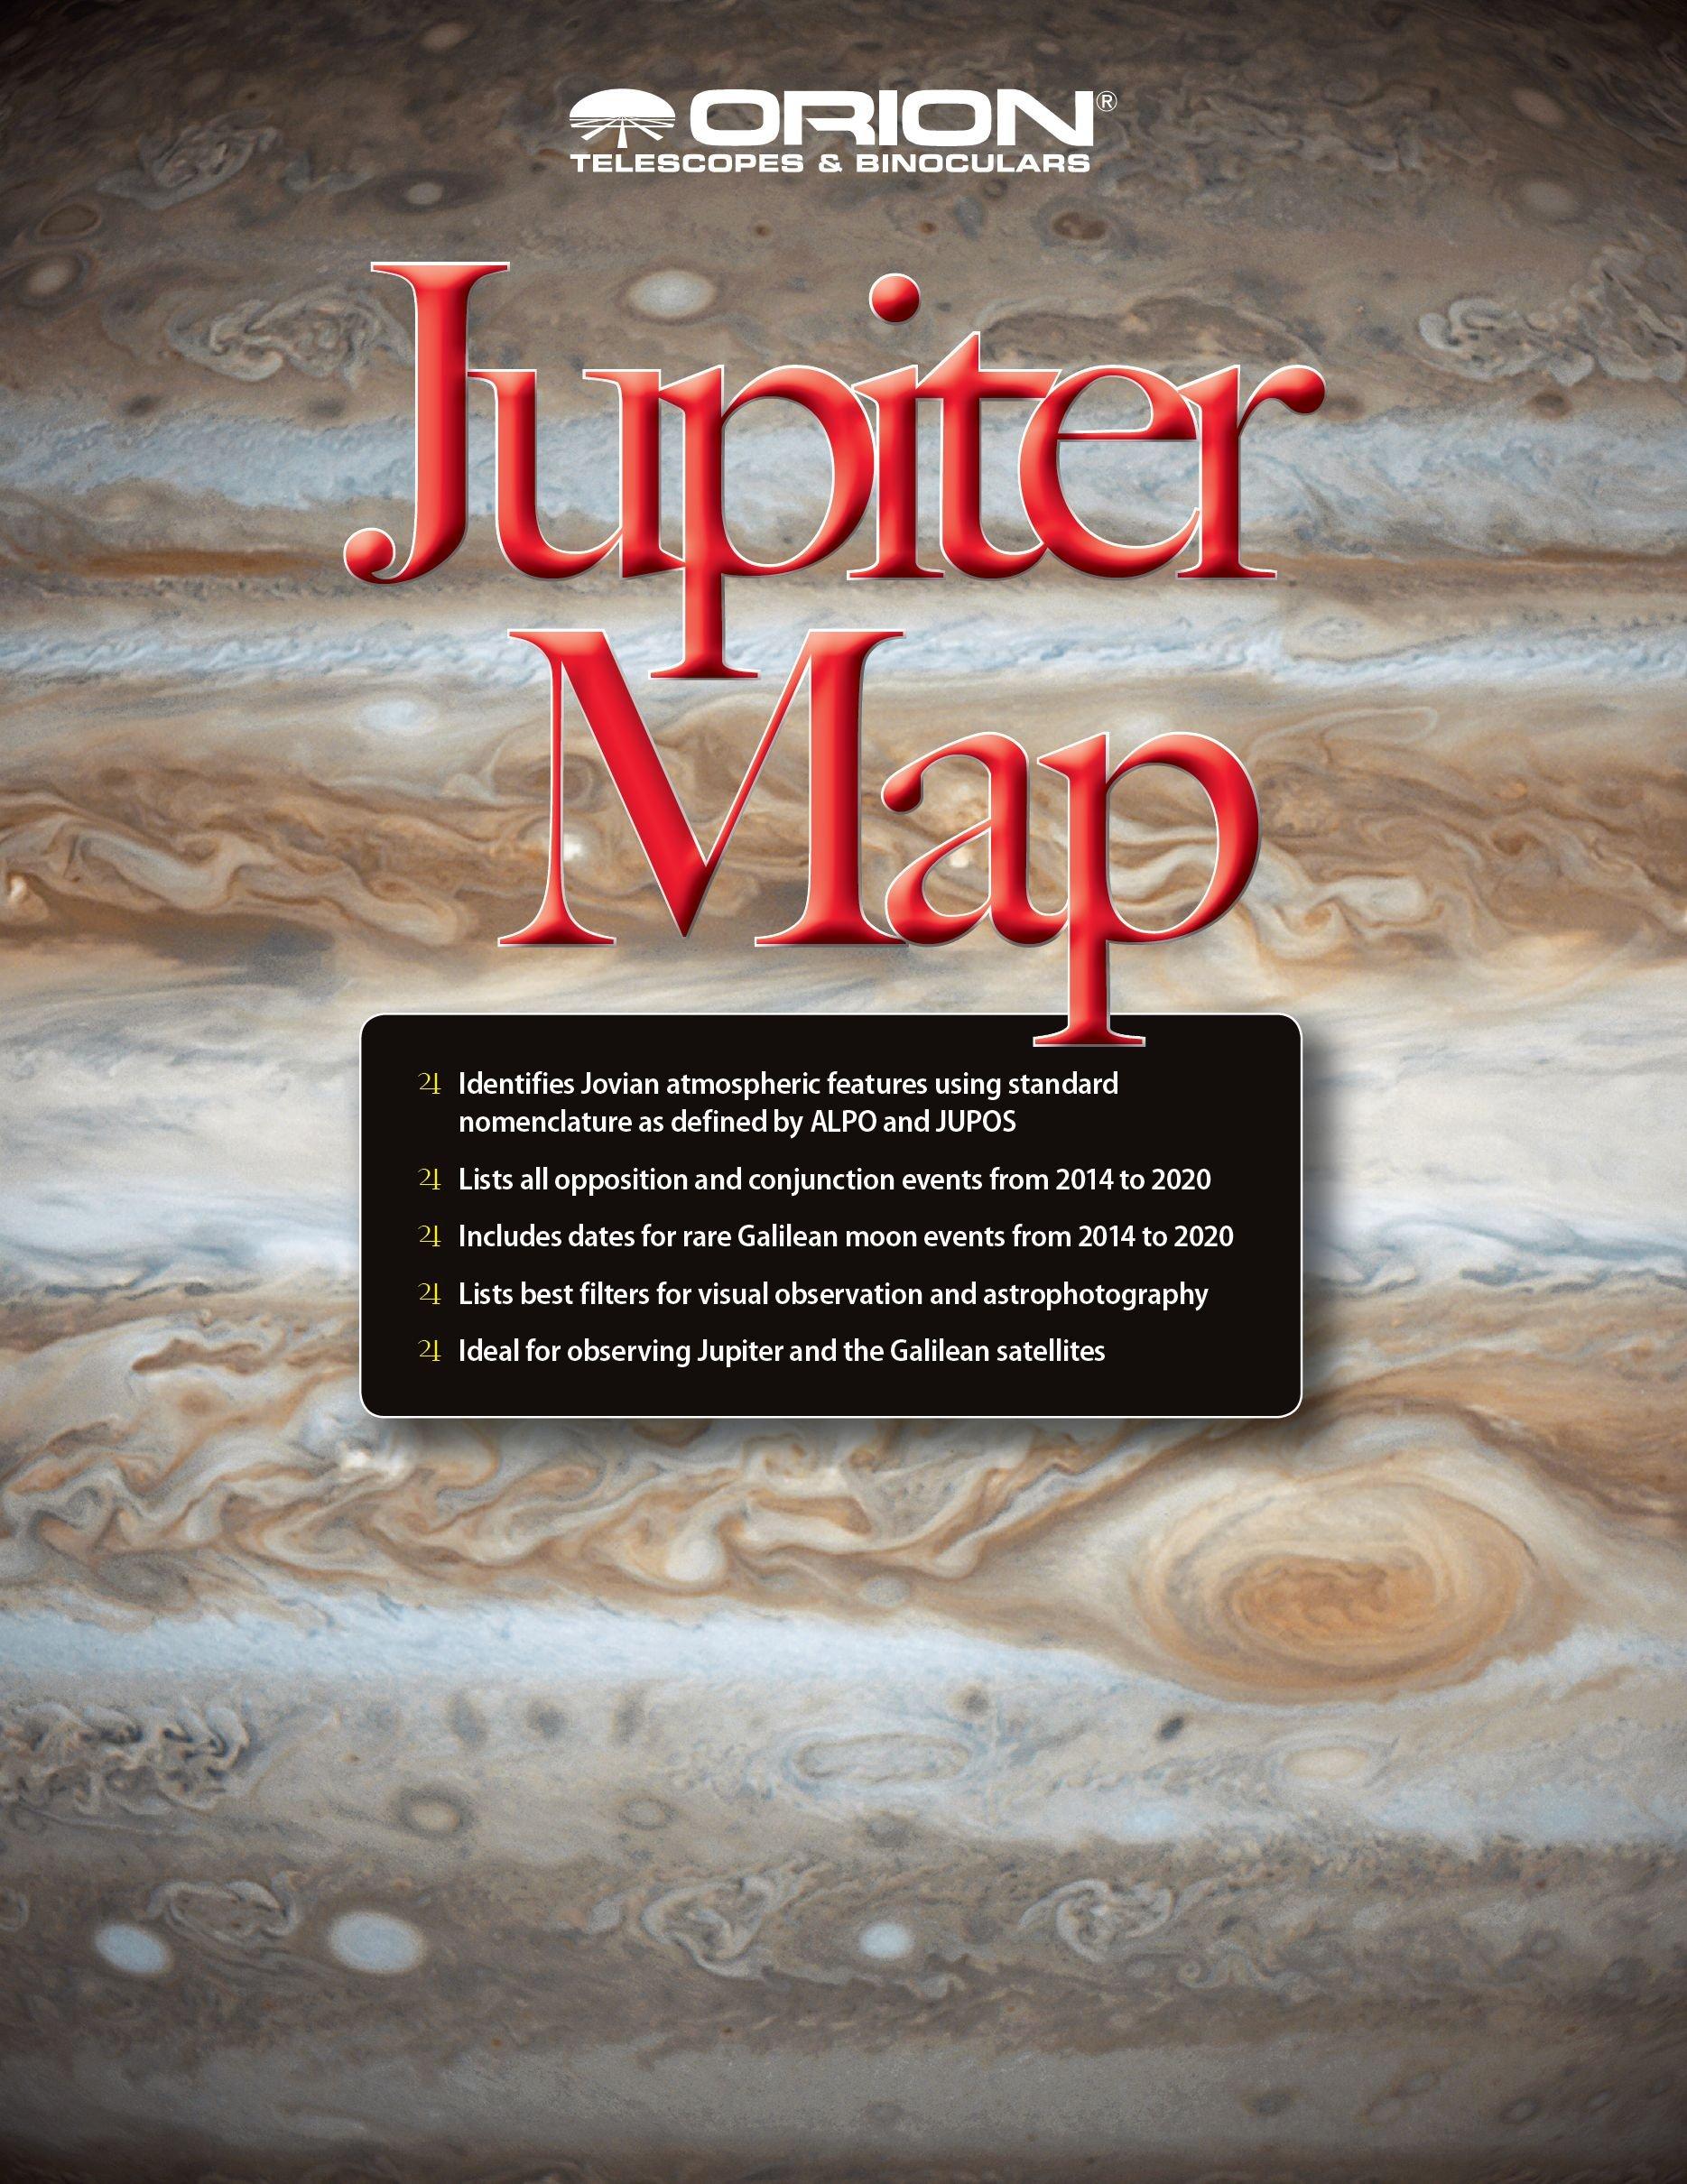 Orion 51926 Jupiter Map and Observing Guide (Black)